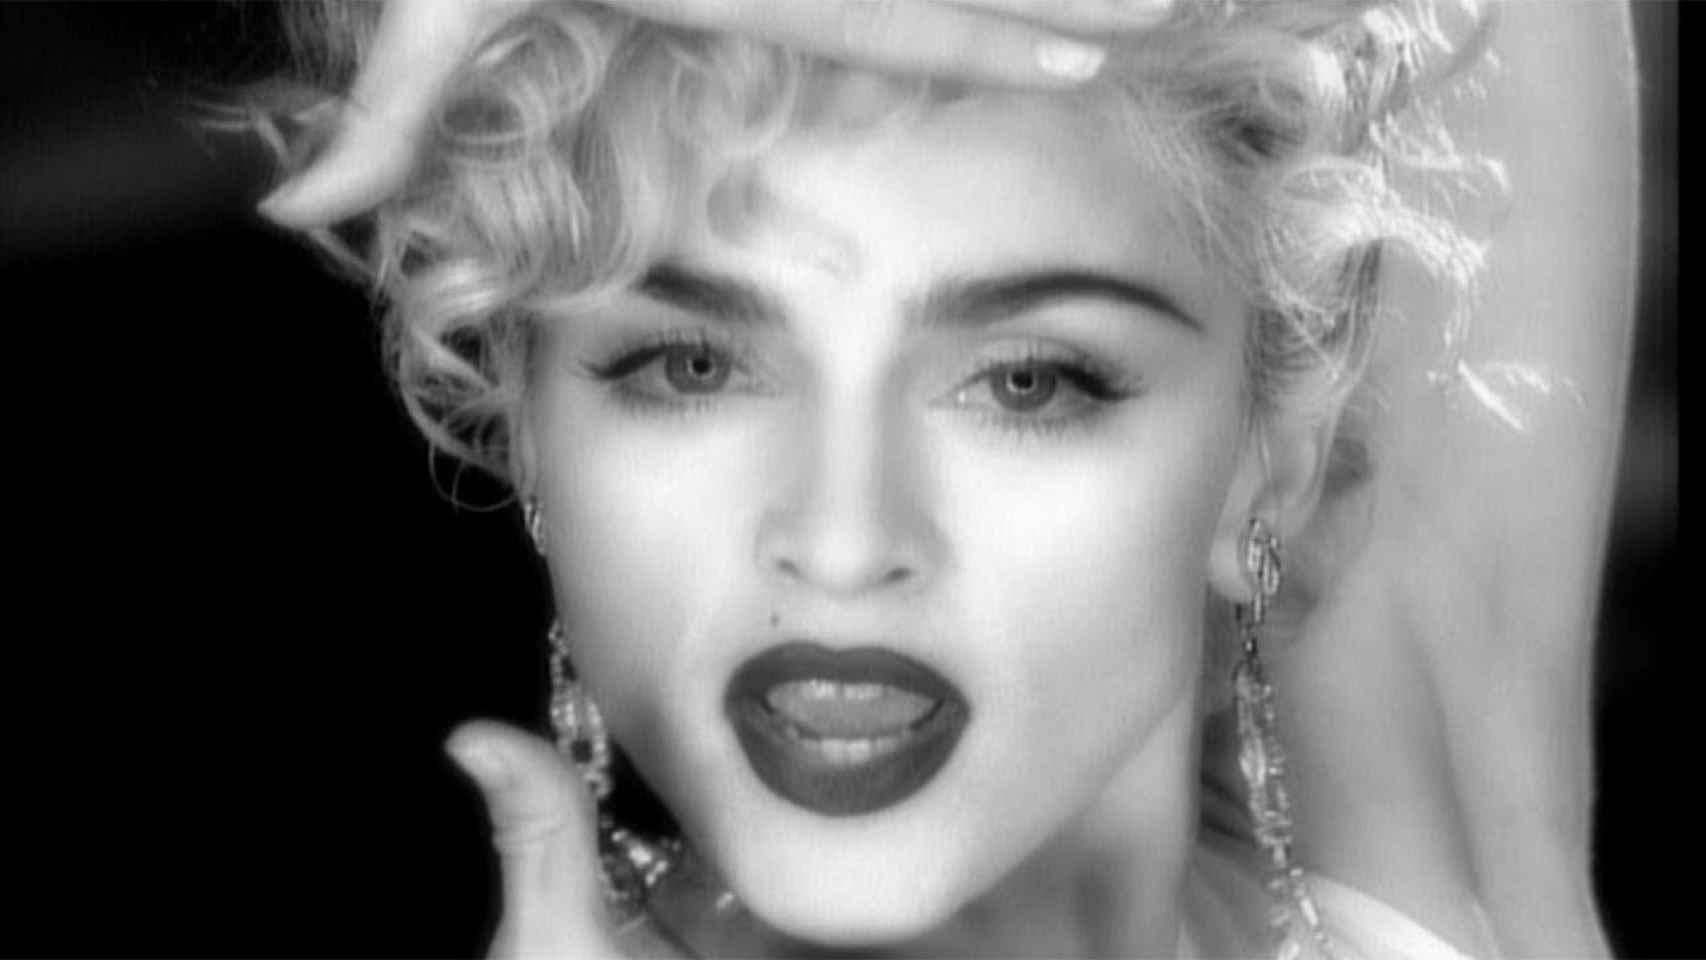 El sexo sólo es sucio cuando no te levas: las frases más provocadoras de Madonna